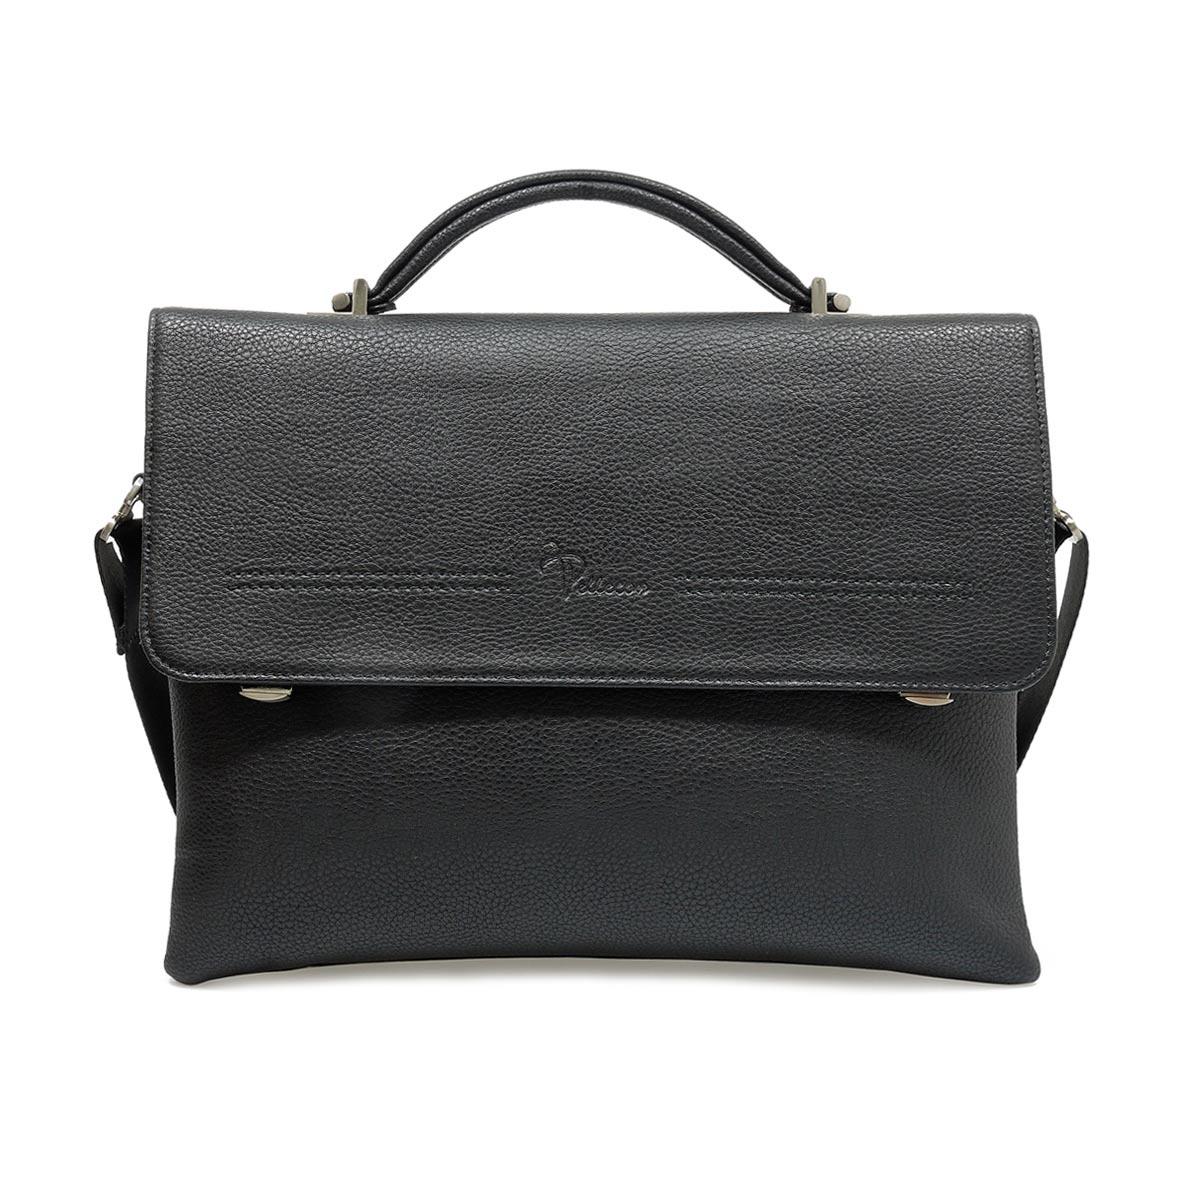 Сумка на плечо Pellecon 812-21327-1, черный цена